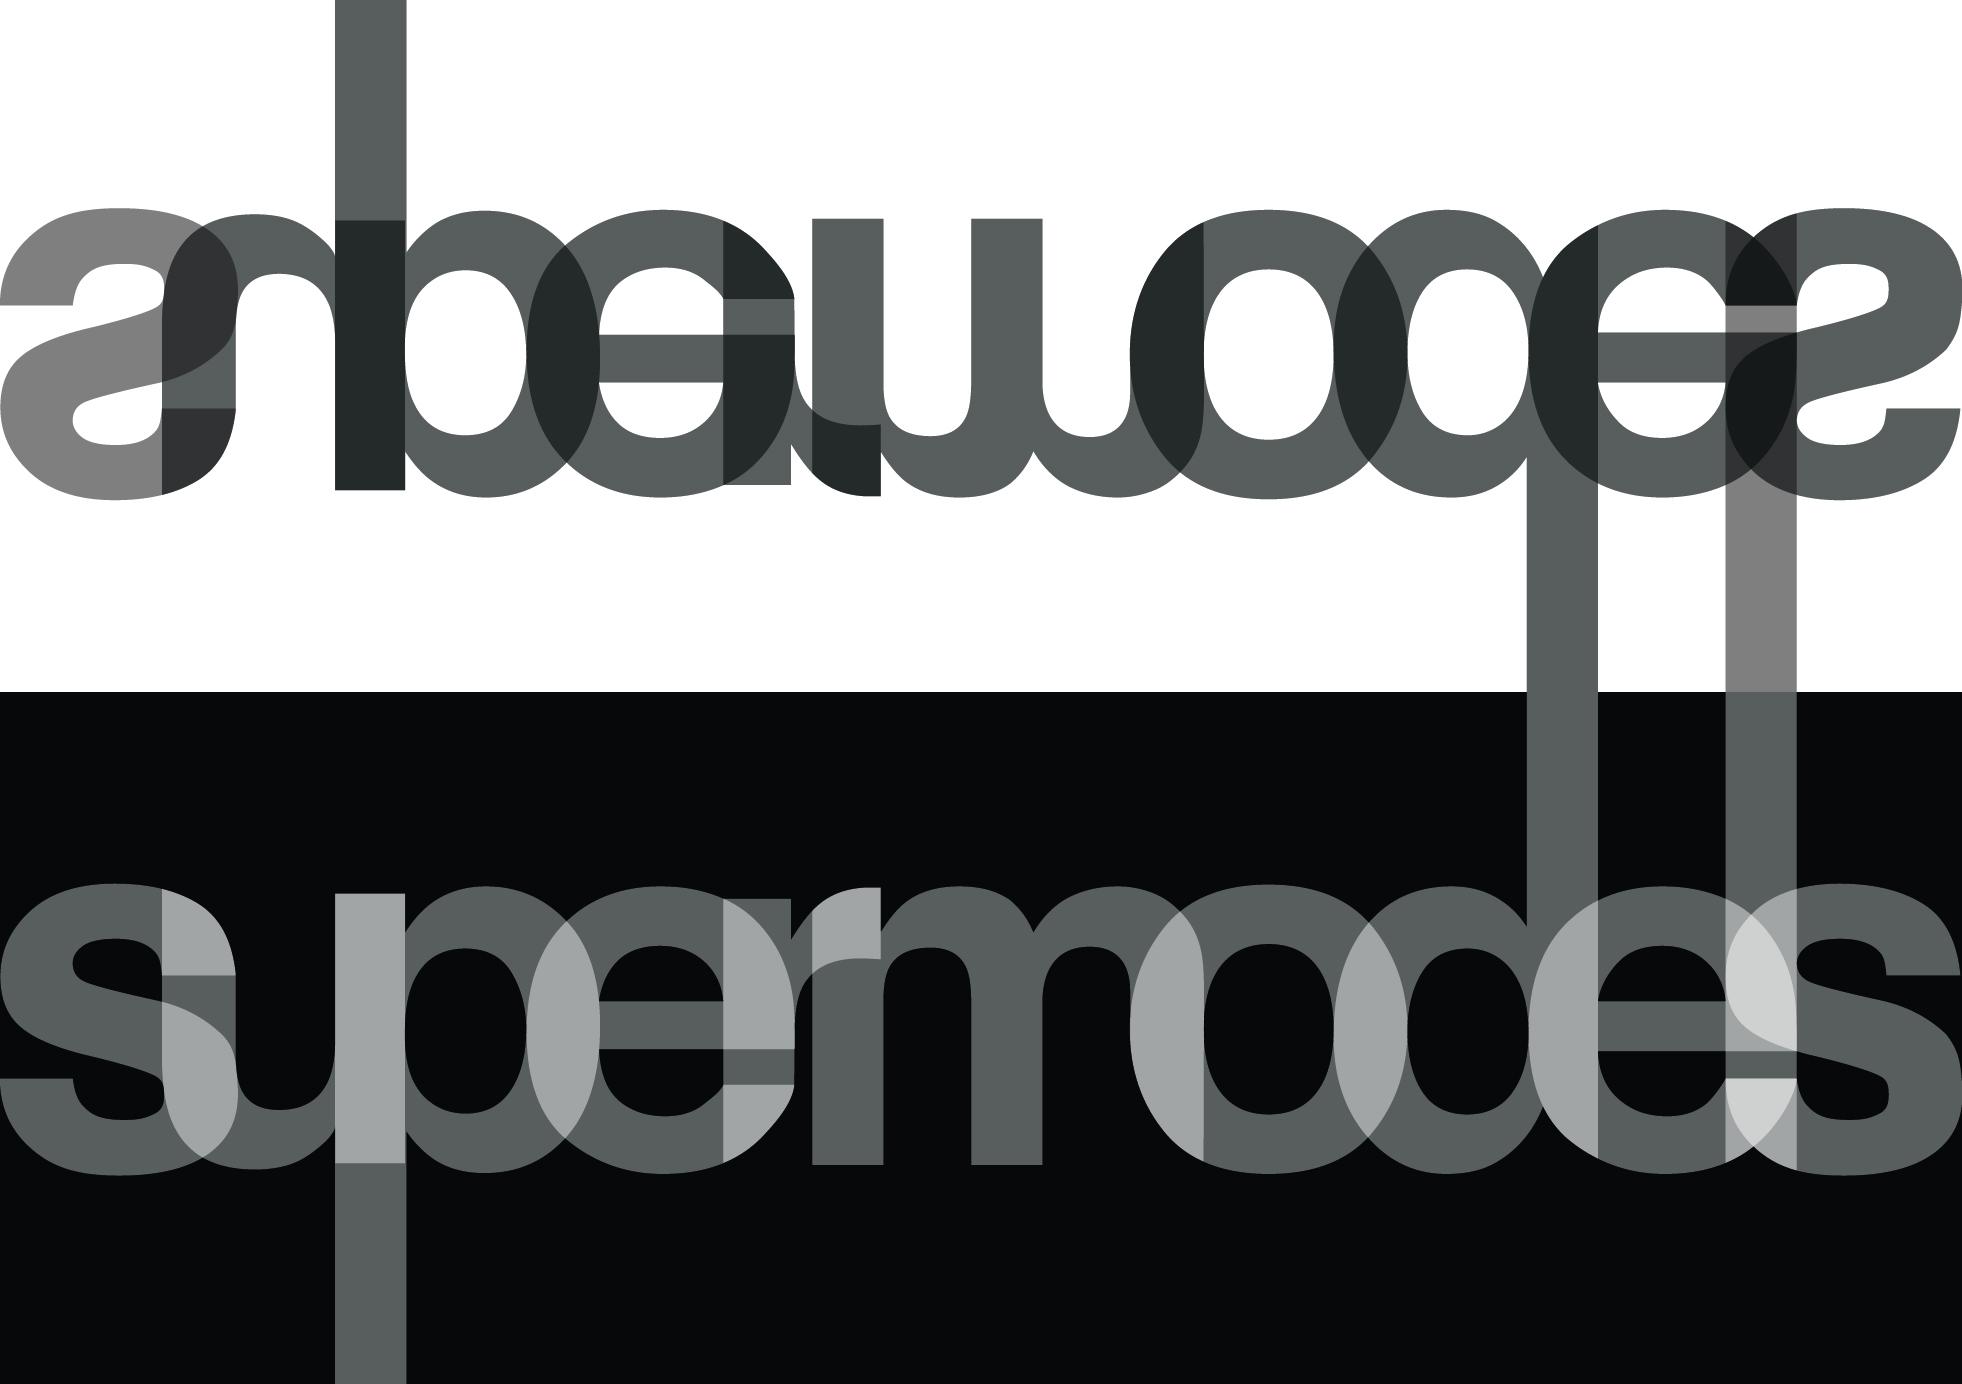 supermodels1.jpg